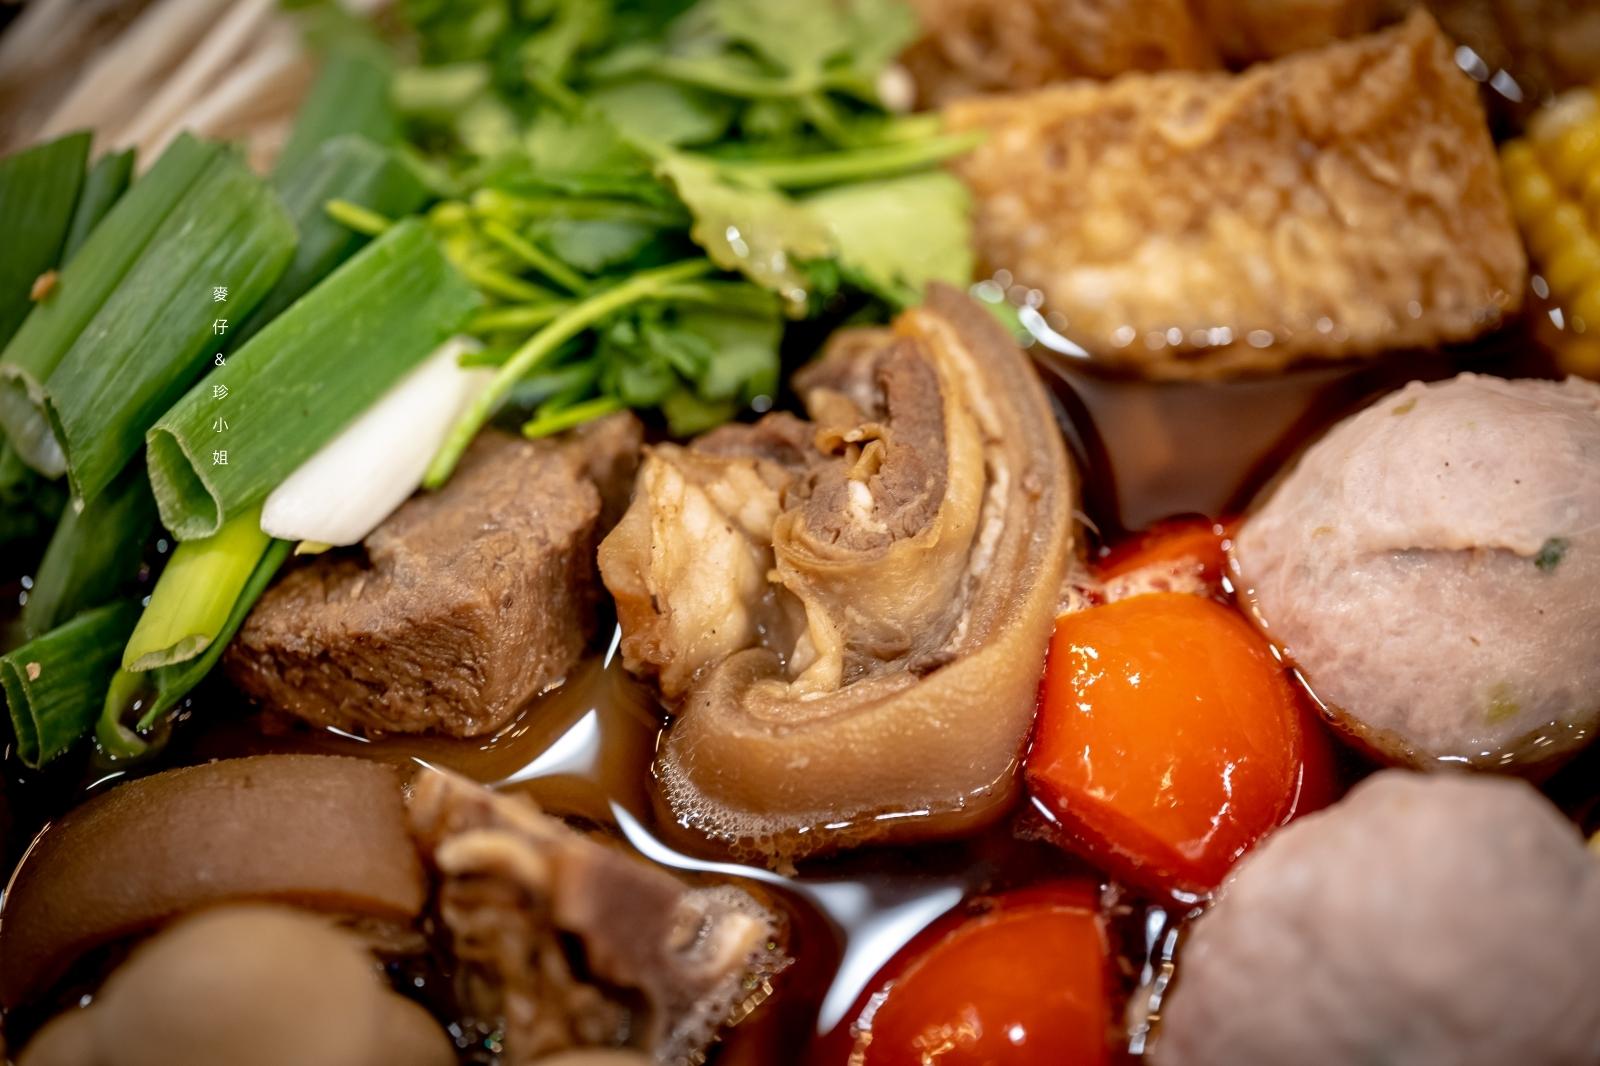 來自高雄40多年老店的福昌羊肉~帶皮六兩肉質彈牙湯頭回甘,夏天涼補就靠它|台北羊肉爐推薦